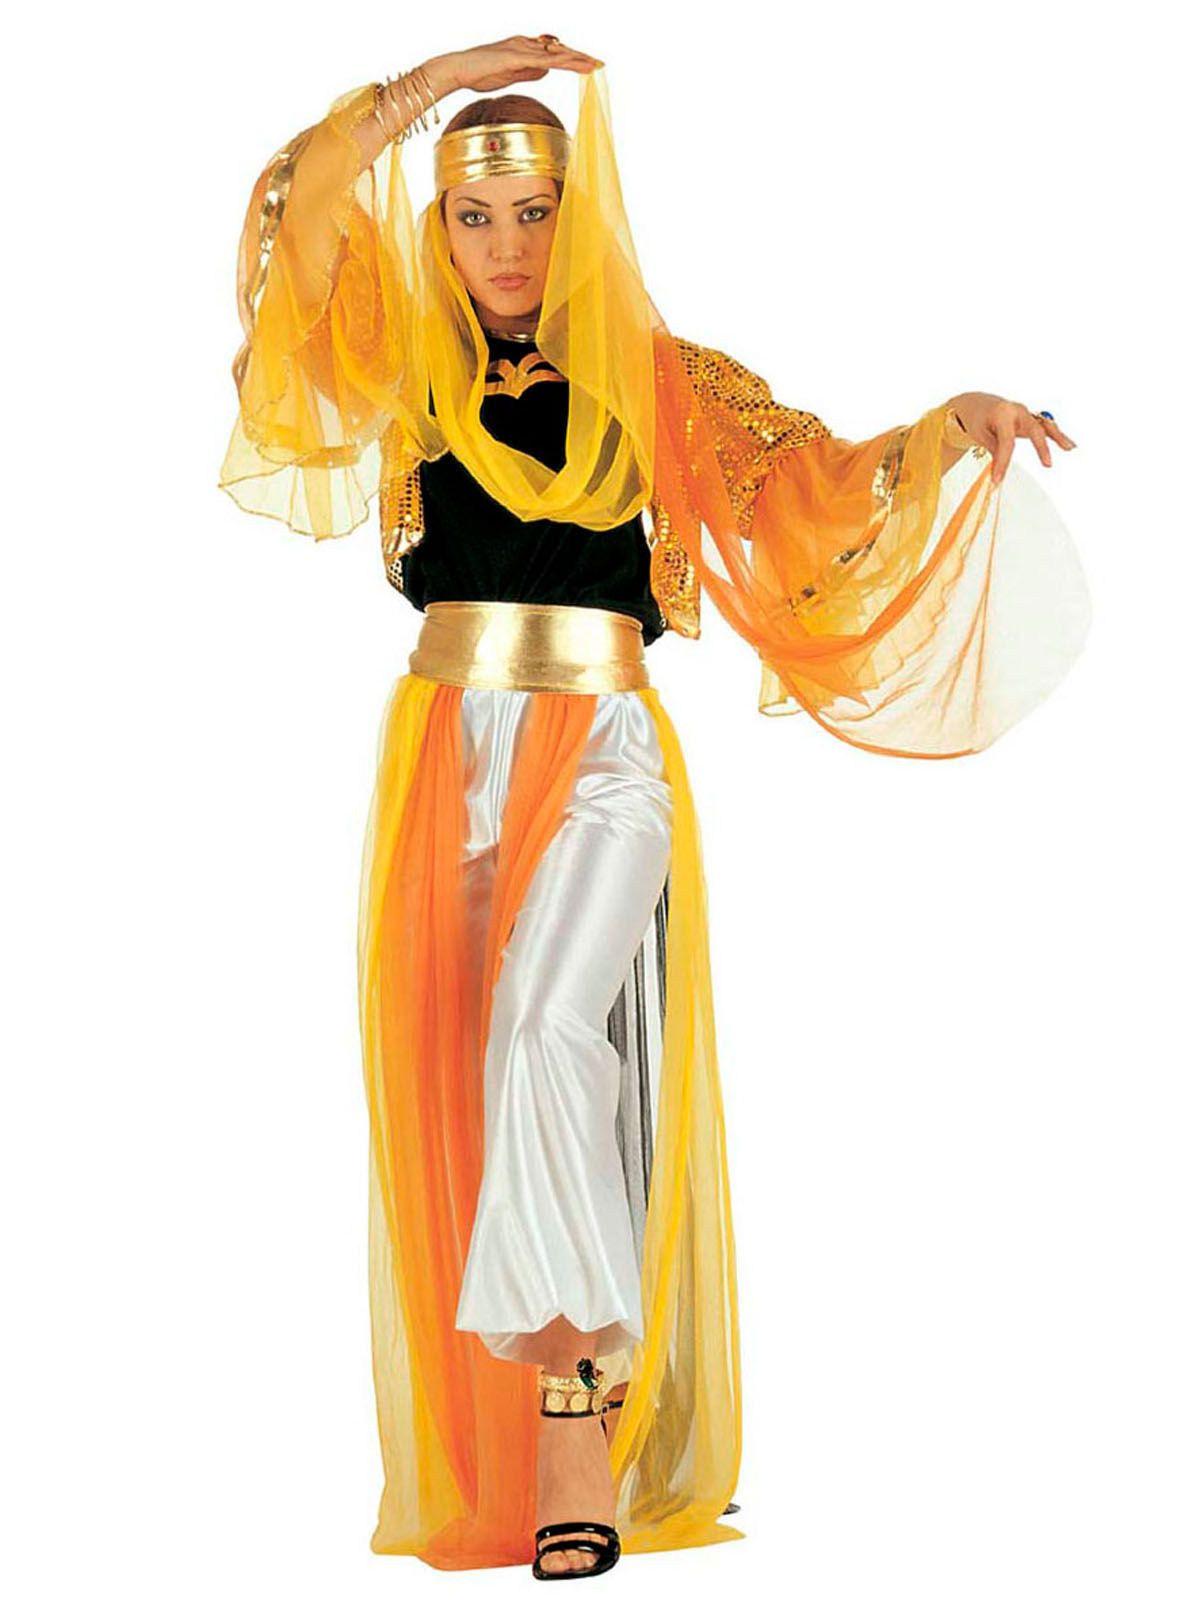 Orientalische Bauchtänzerin Damenkostüm Harem gelb orange silber